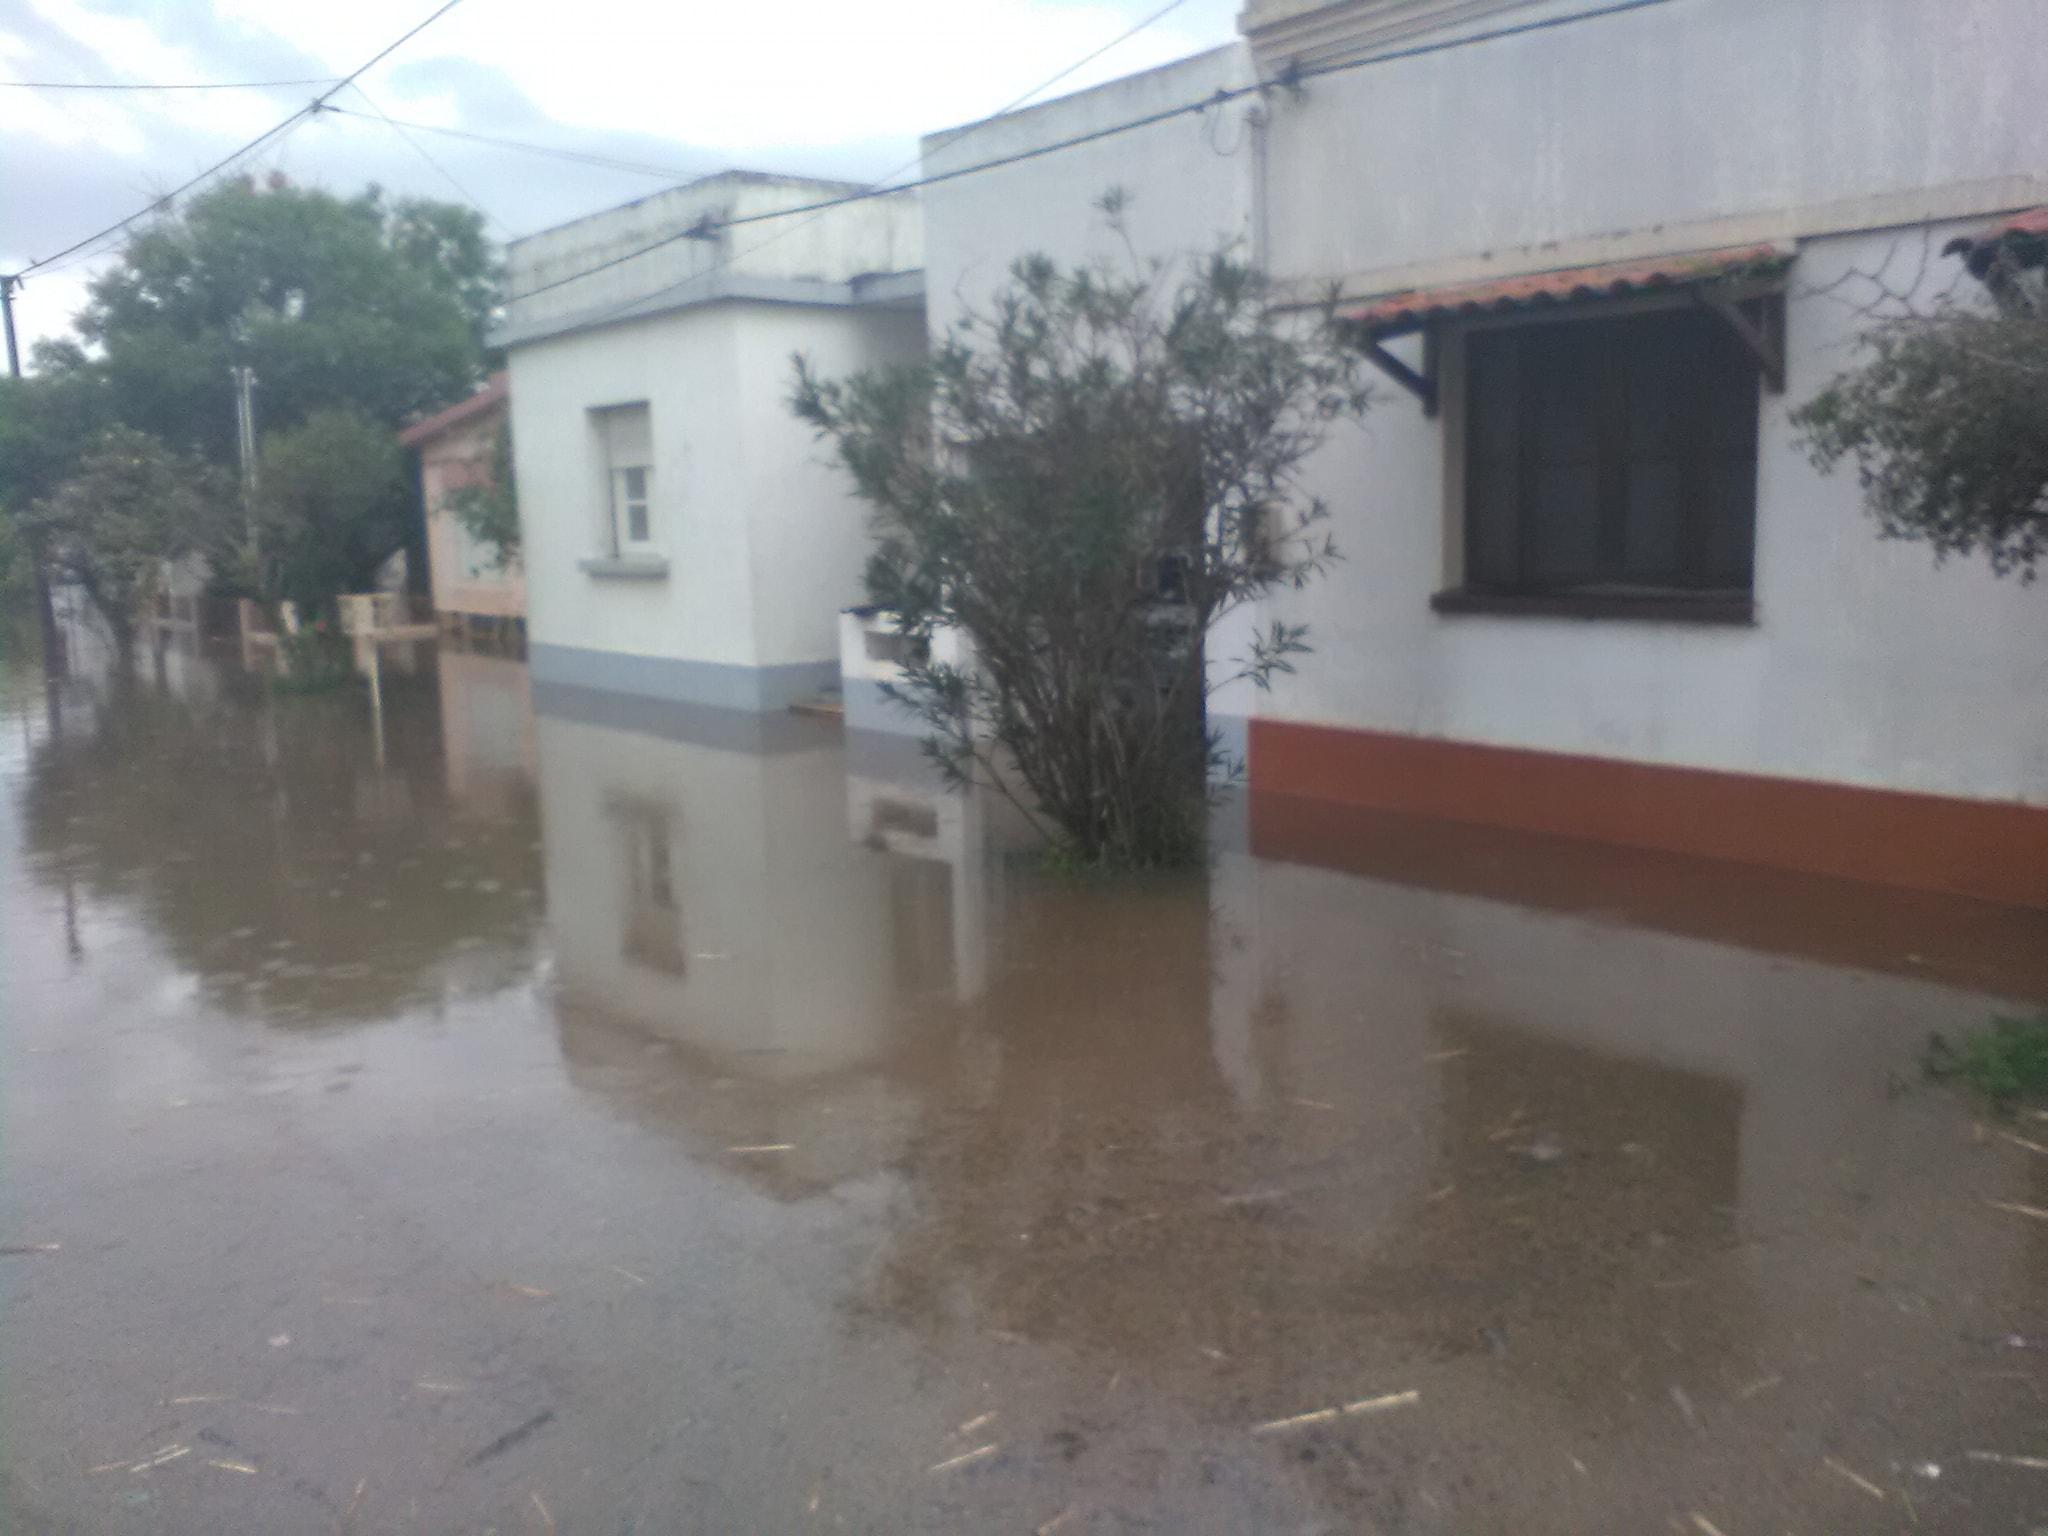 Calle Baltasar Brum